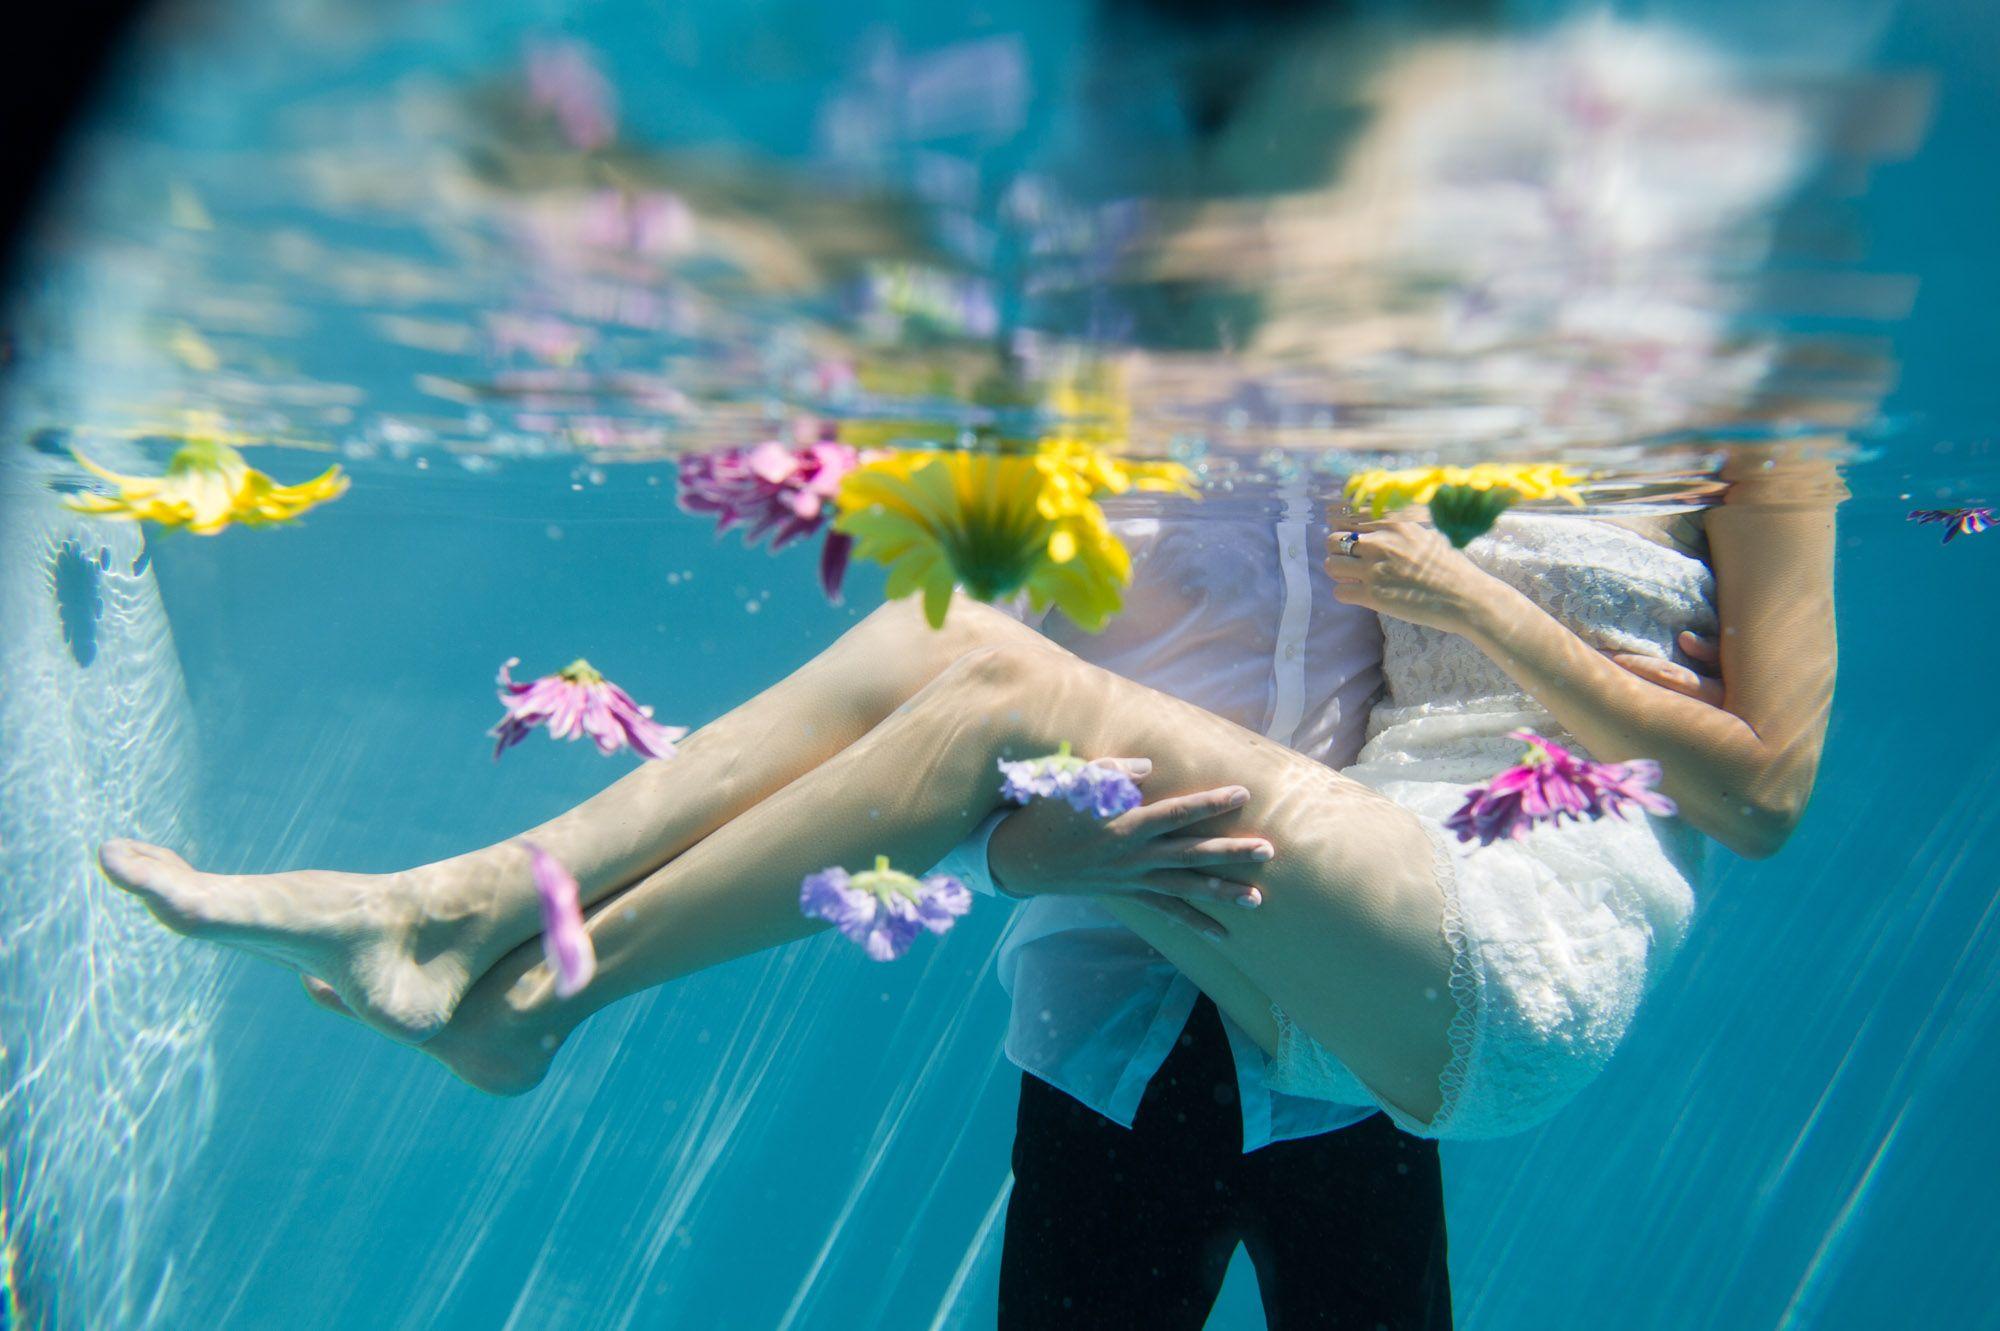 Brautkleid von ANNE WOLF im Pool...   Brautkleider   Pinterest ...